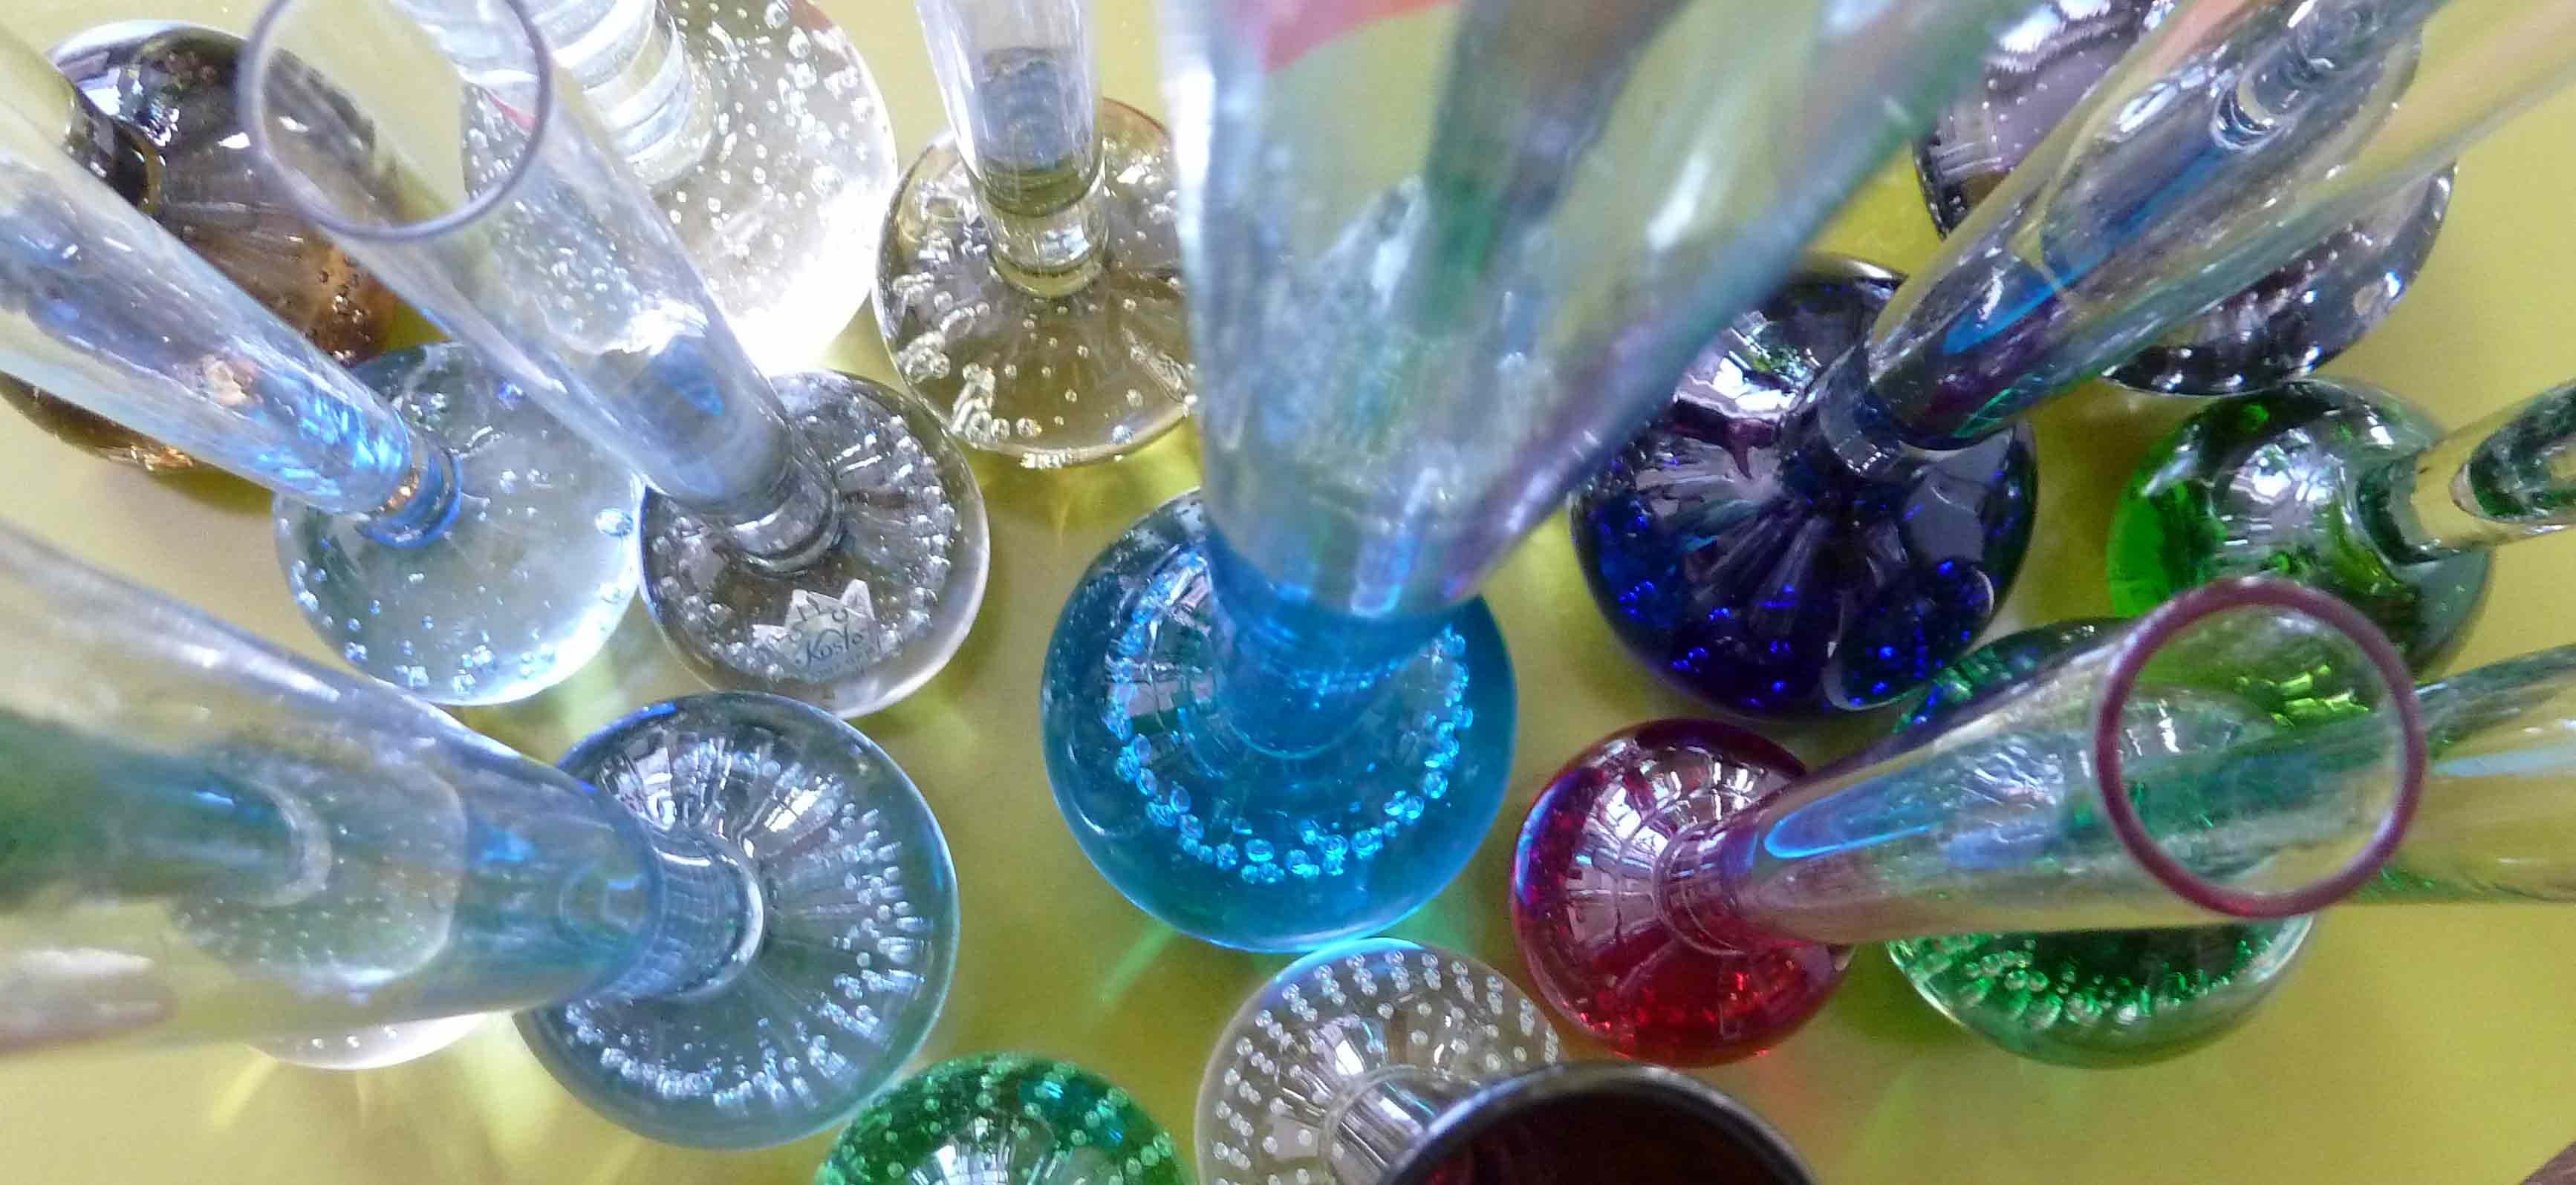 Solitaire Glasvasen von oben gesehen